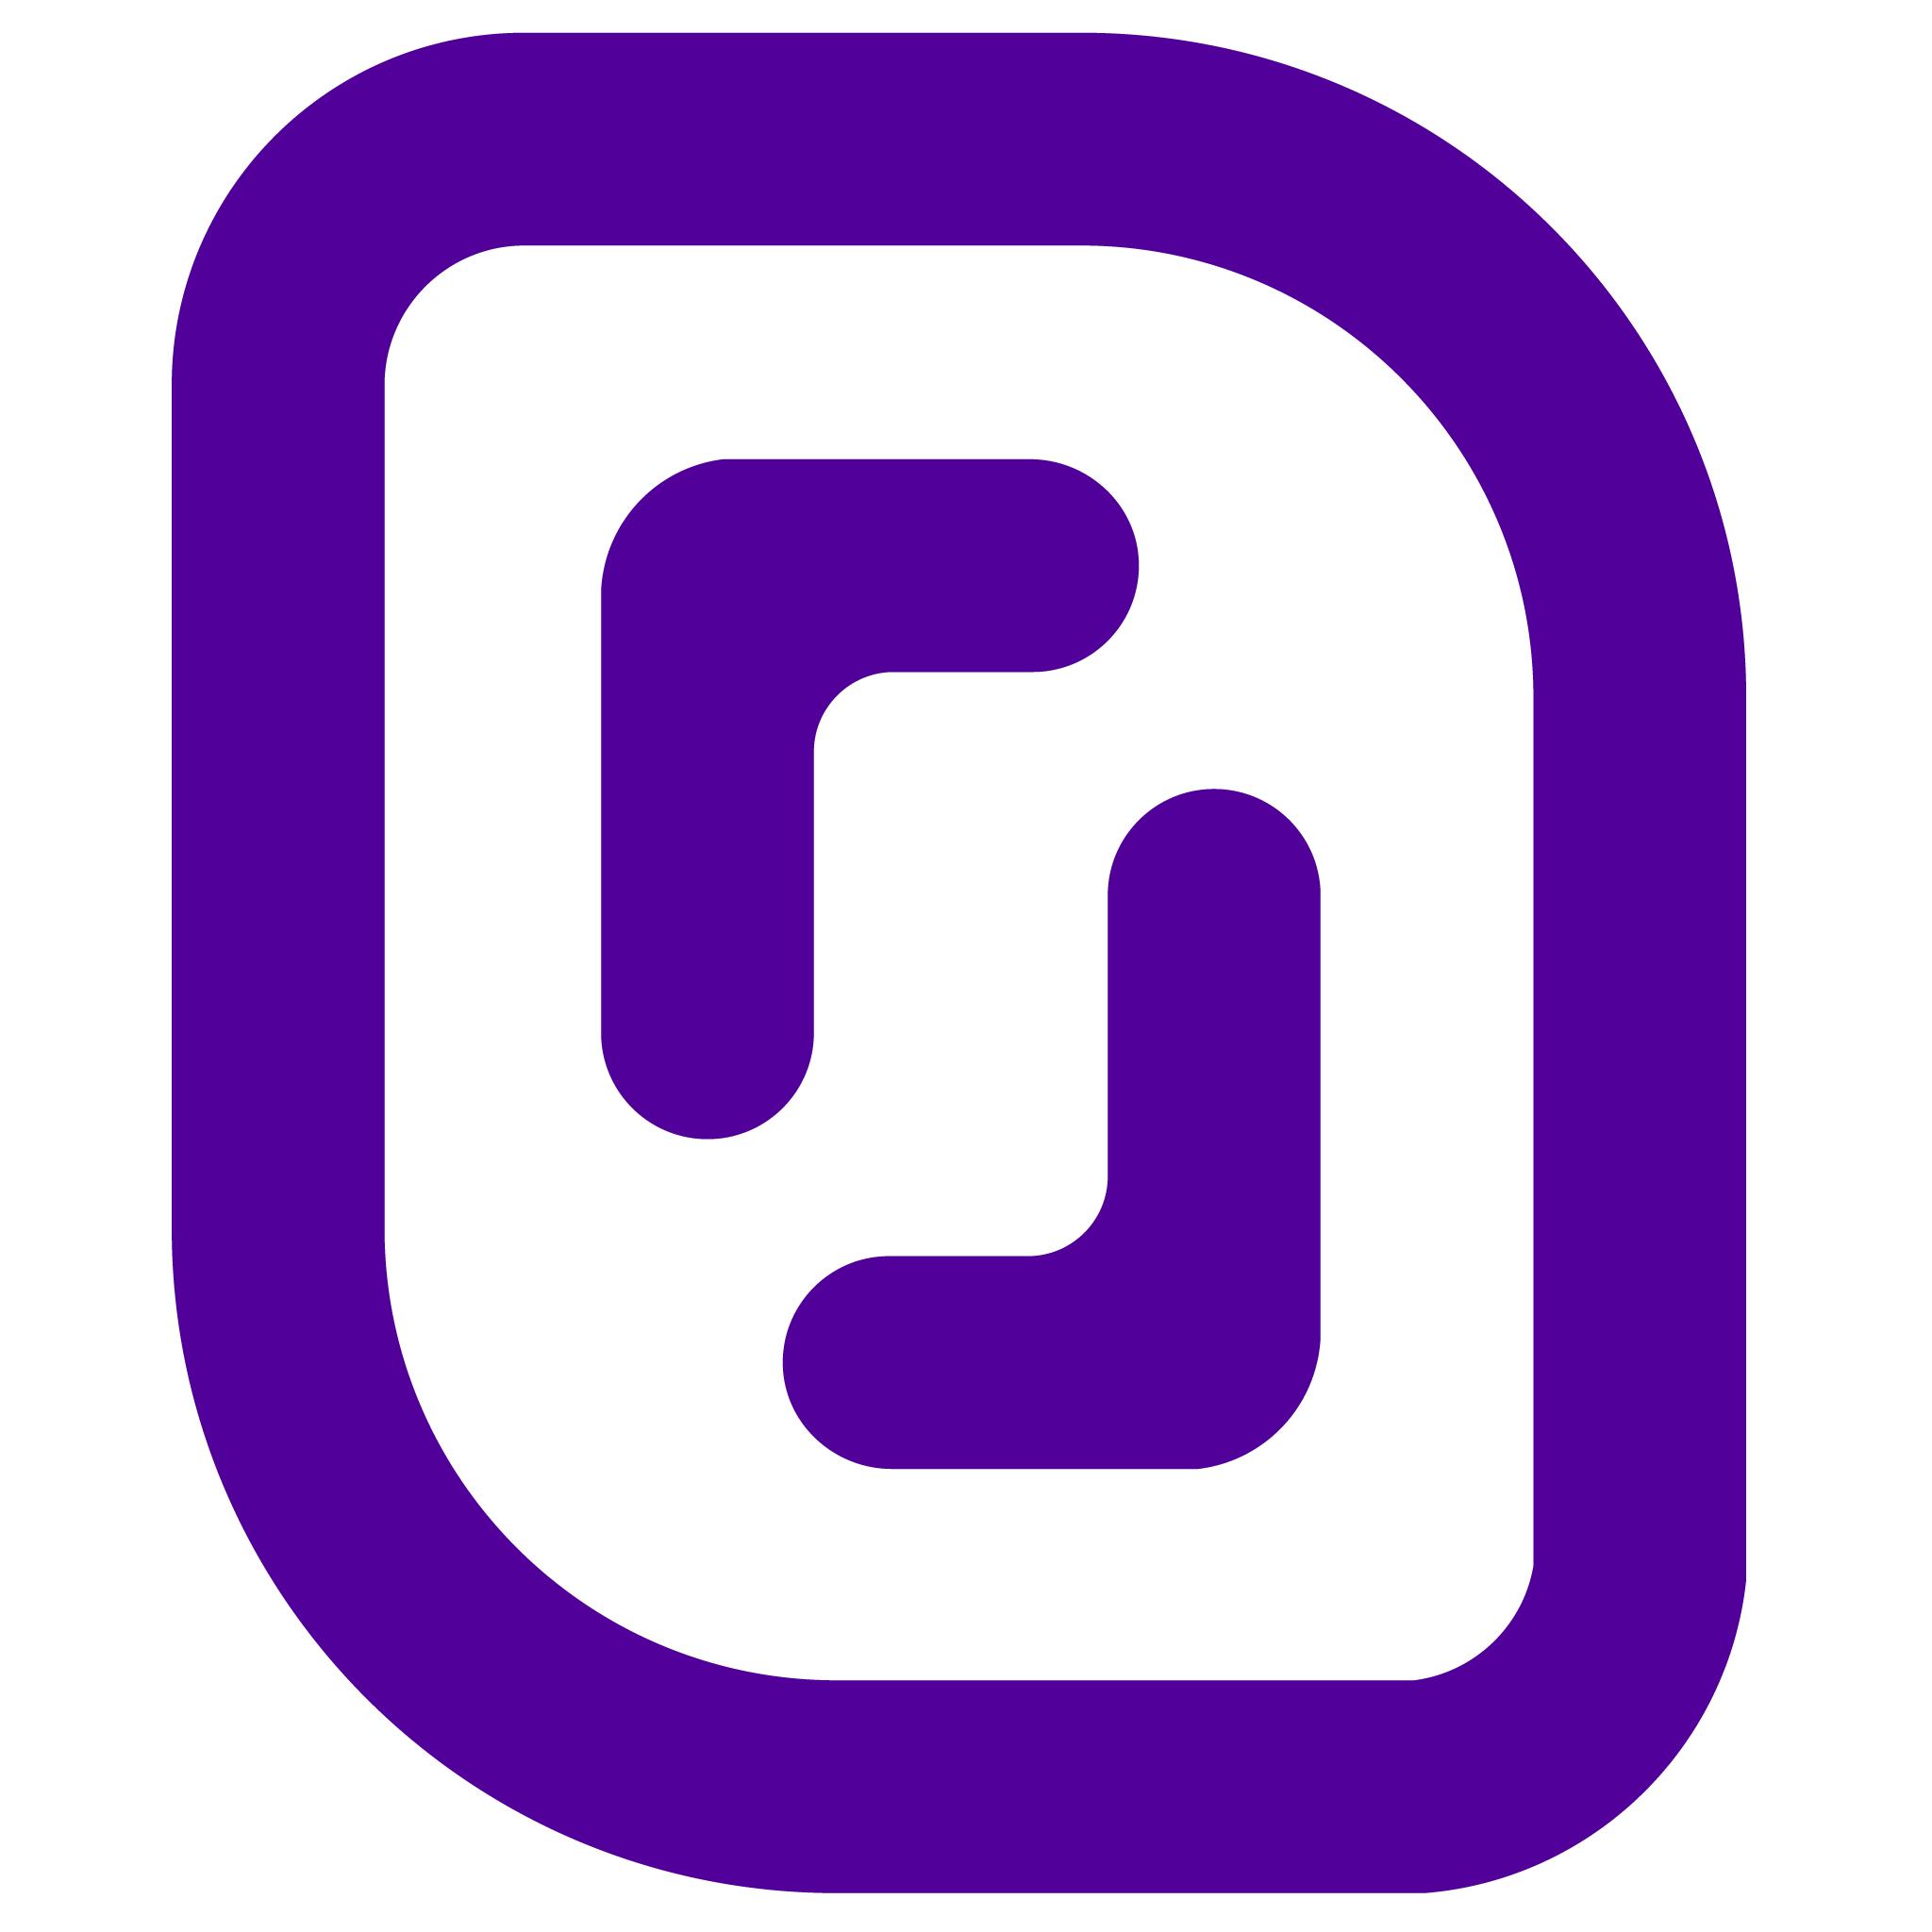 Scaleway: S3 kompatibler Speicher 75 GB dauerhaft kostenlos inklusive 75 GB ausgehender Datenverkehr